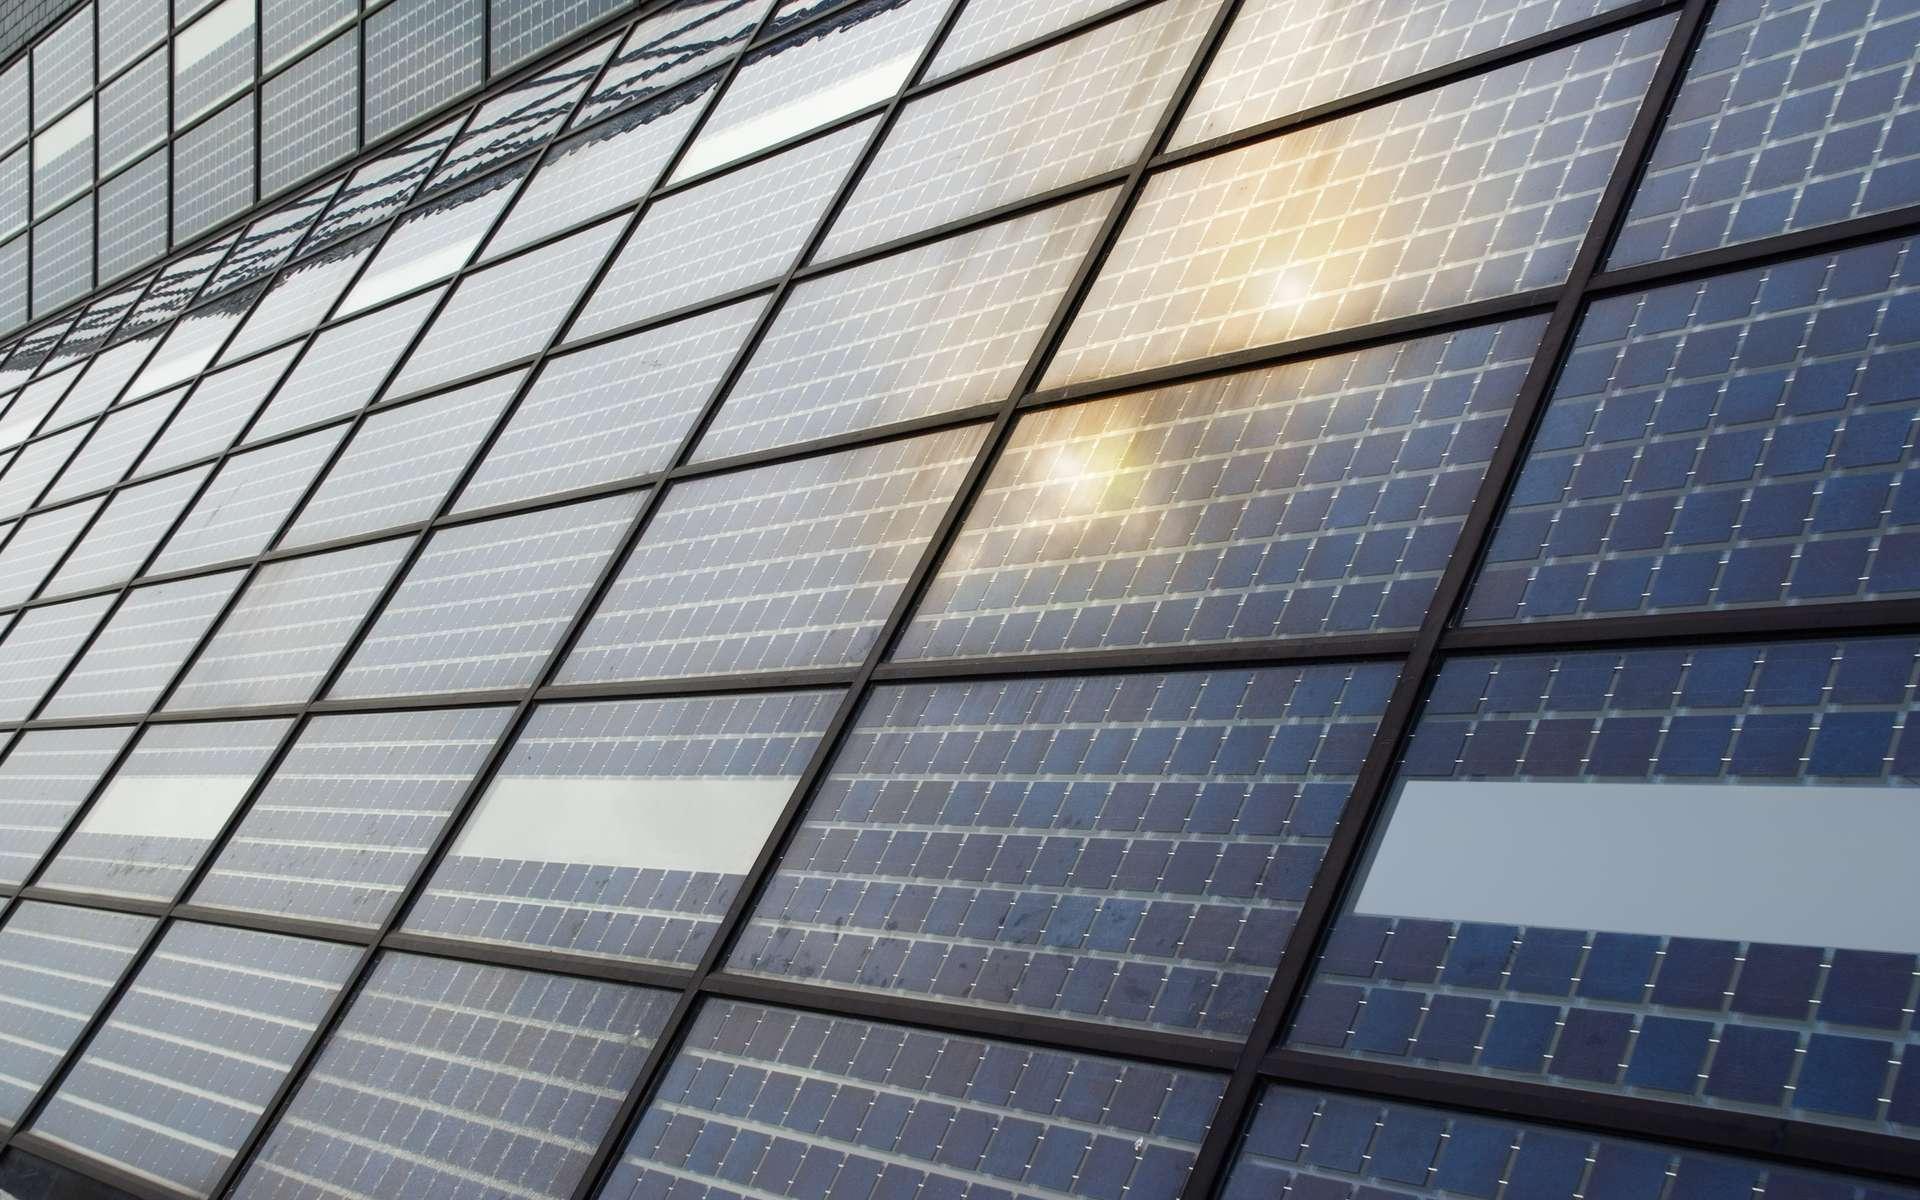 En milieu urbain, ce revêtement appelé Wattway, véritable route solaire, pourrait alimenter l'éclairage public. © Hugo Maes, shutterstock.com